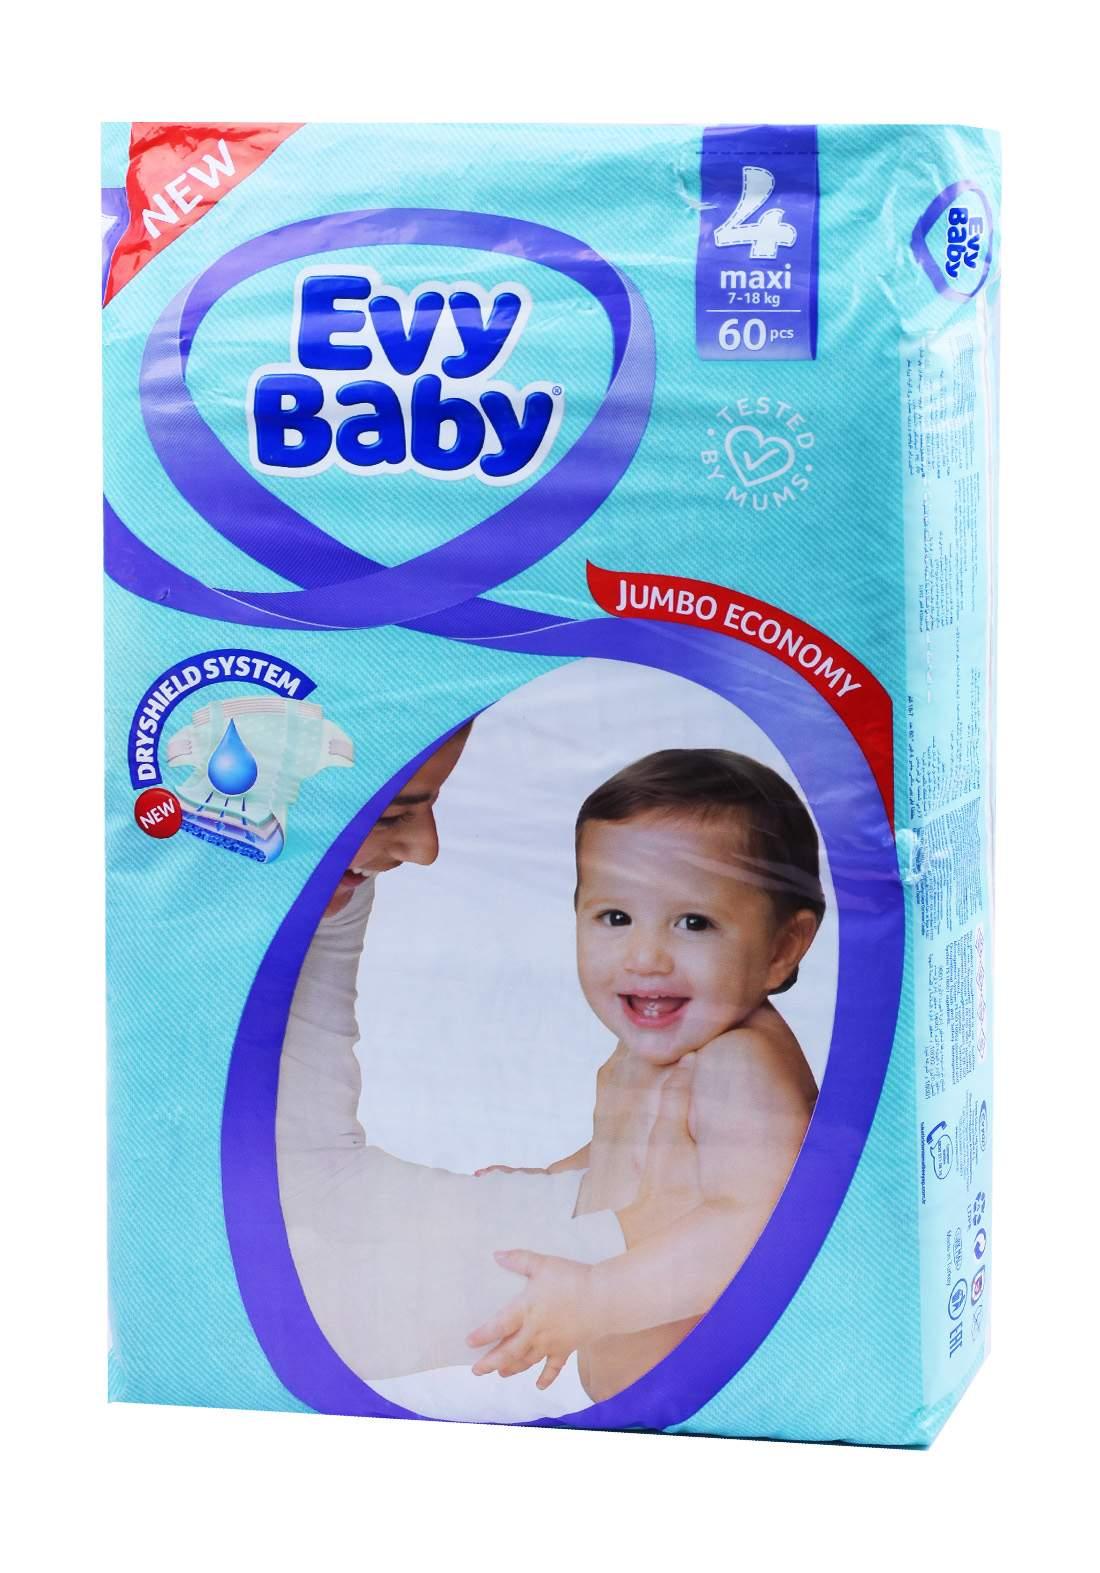 Evy Baby Diapers 4 Maxi 7-18 Kg 60 Pcs 4 حفاضات ايفي بيبي للاطفال عادي رقم